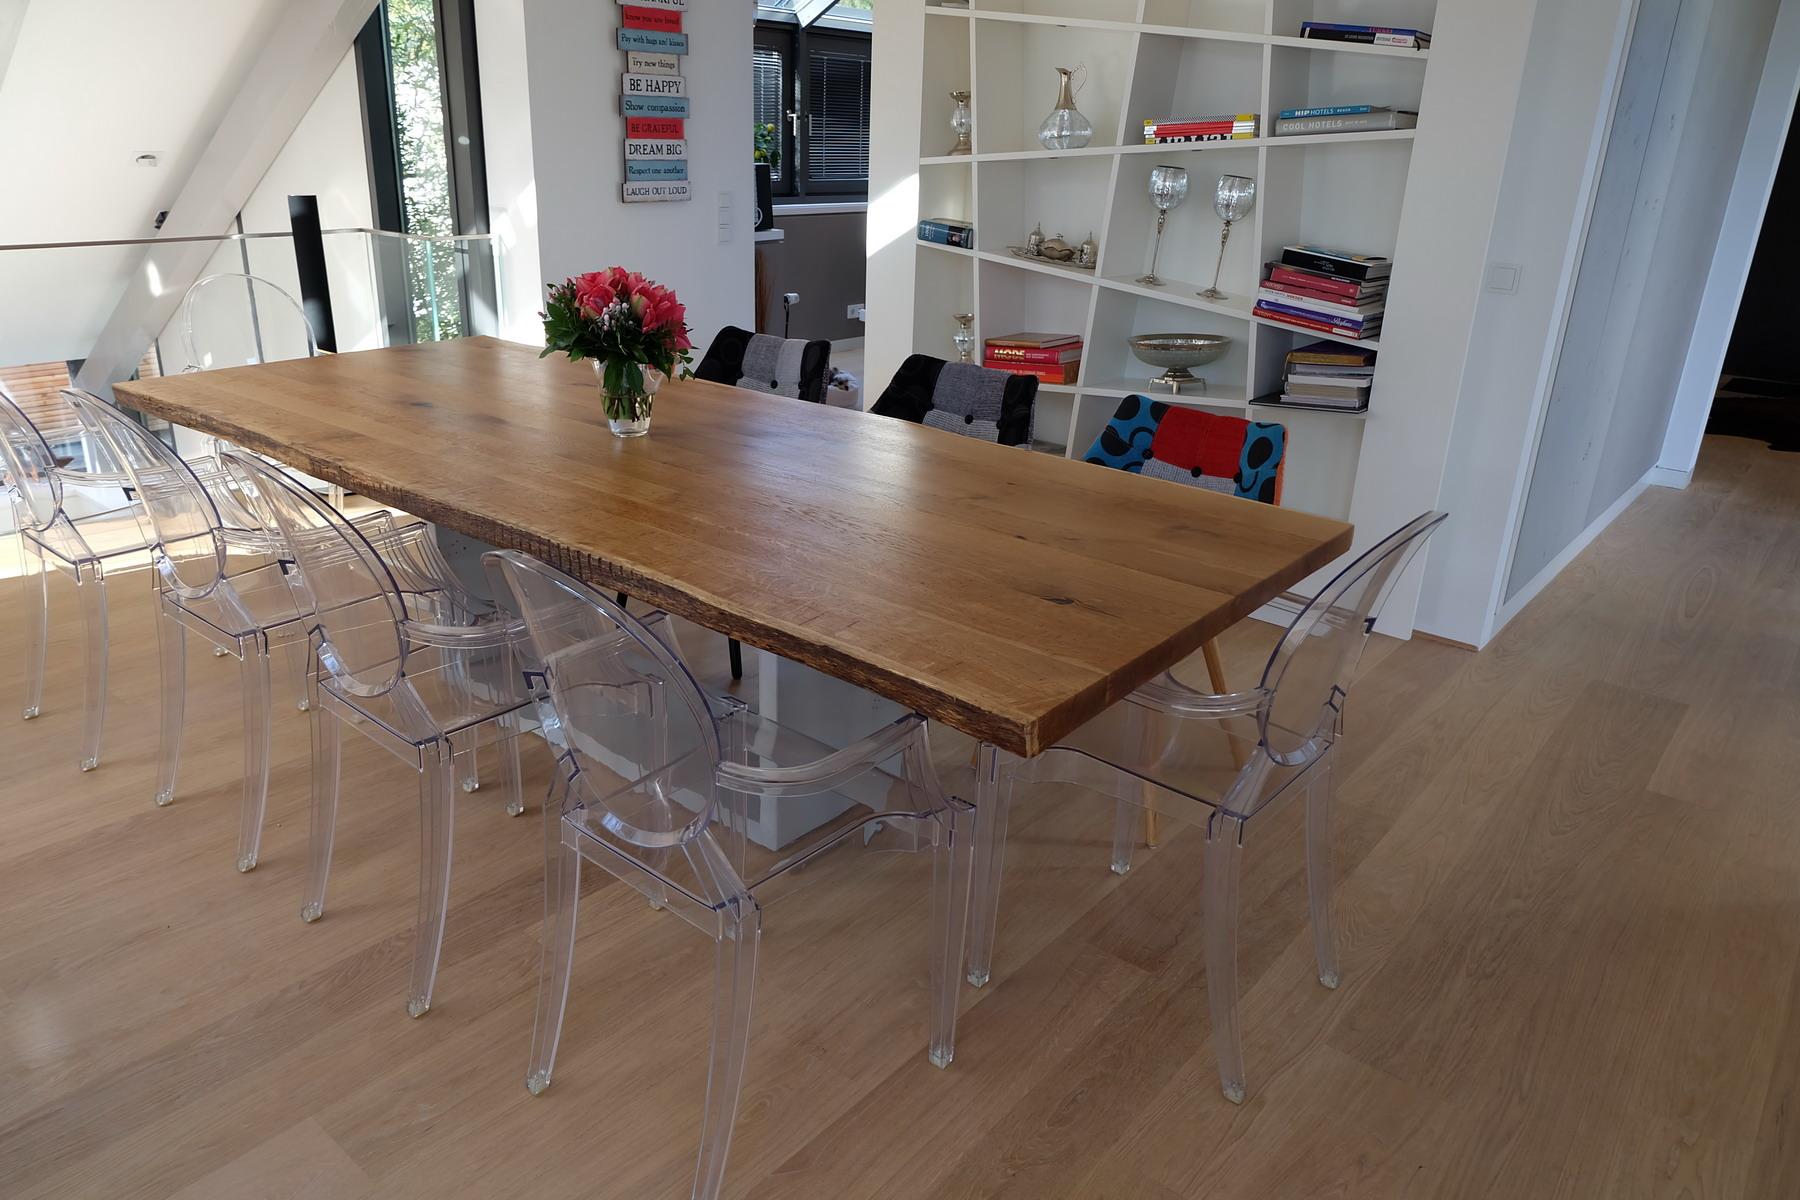 Eiche Tisch mit Beton Sockel 3